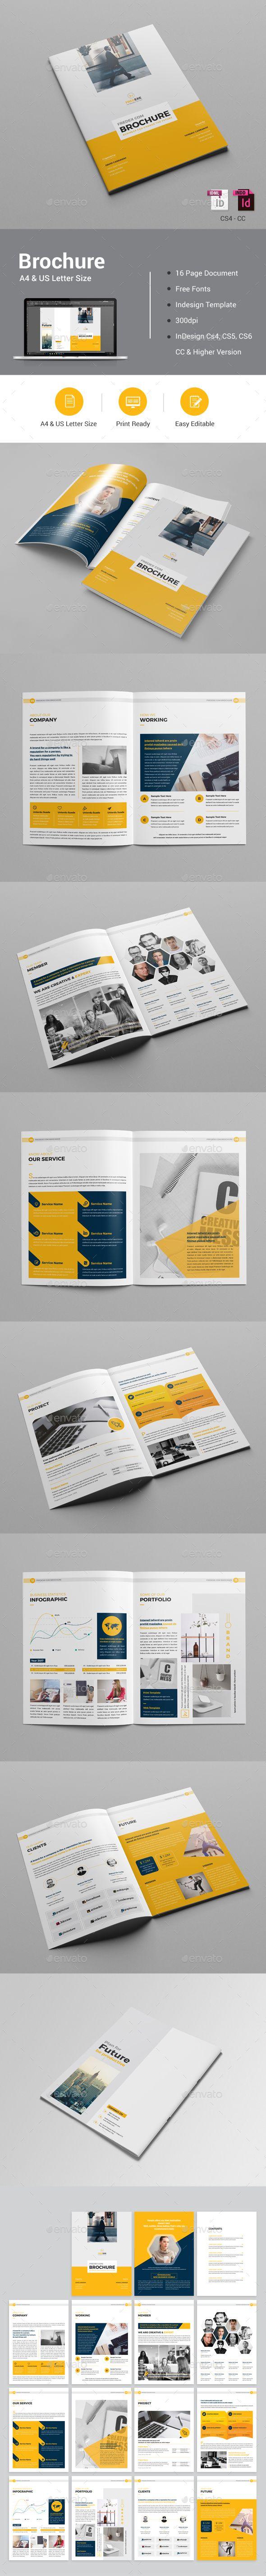 Brochure | Branding, Empaques y Catálogo